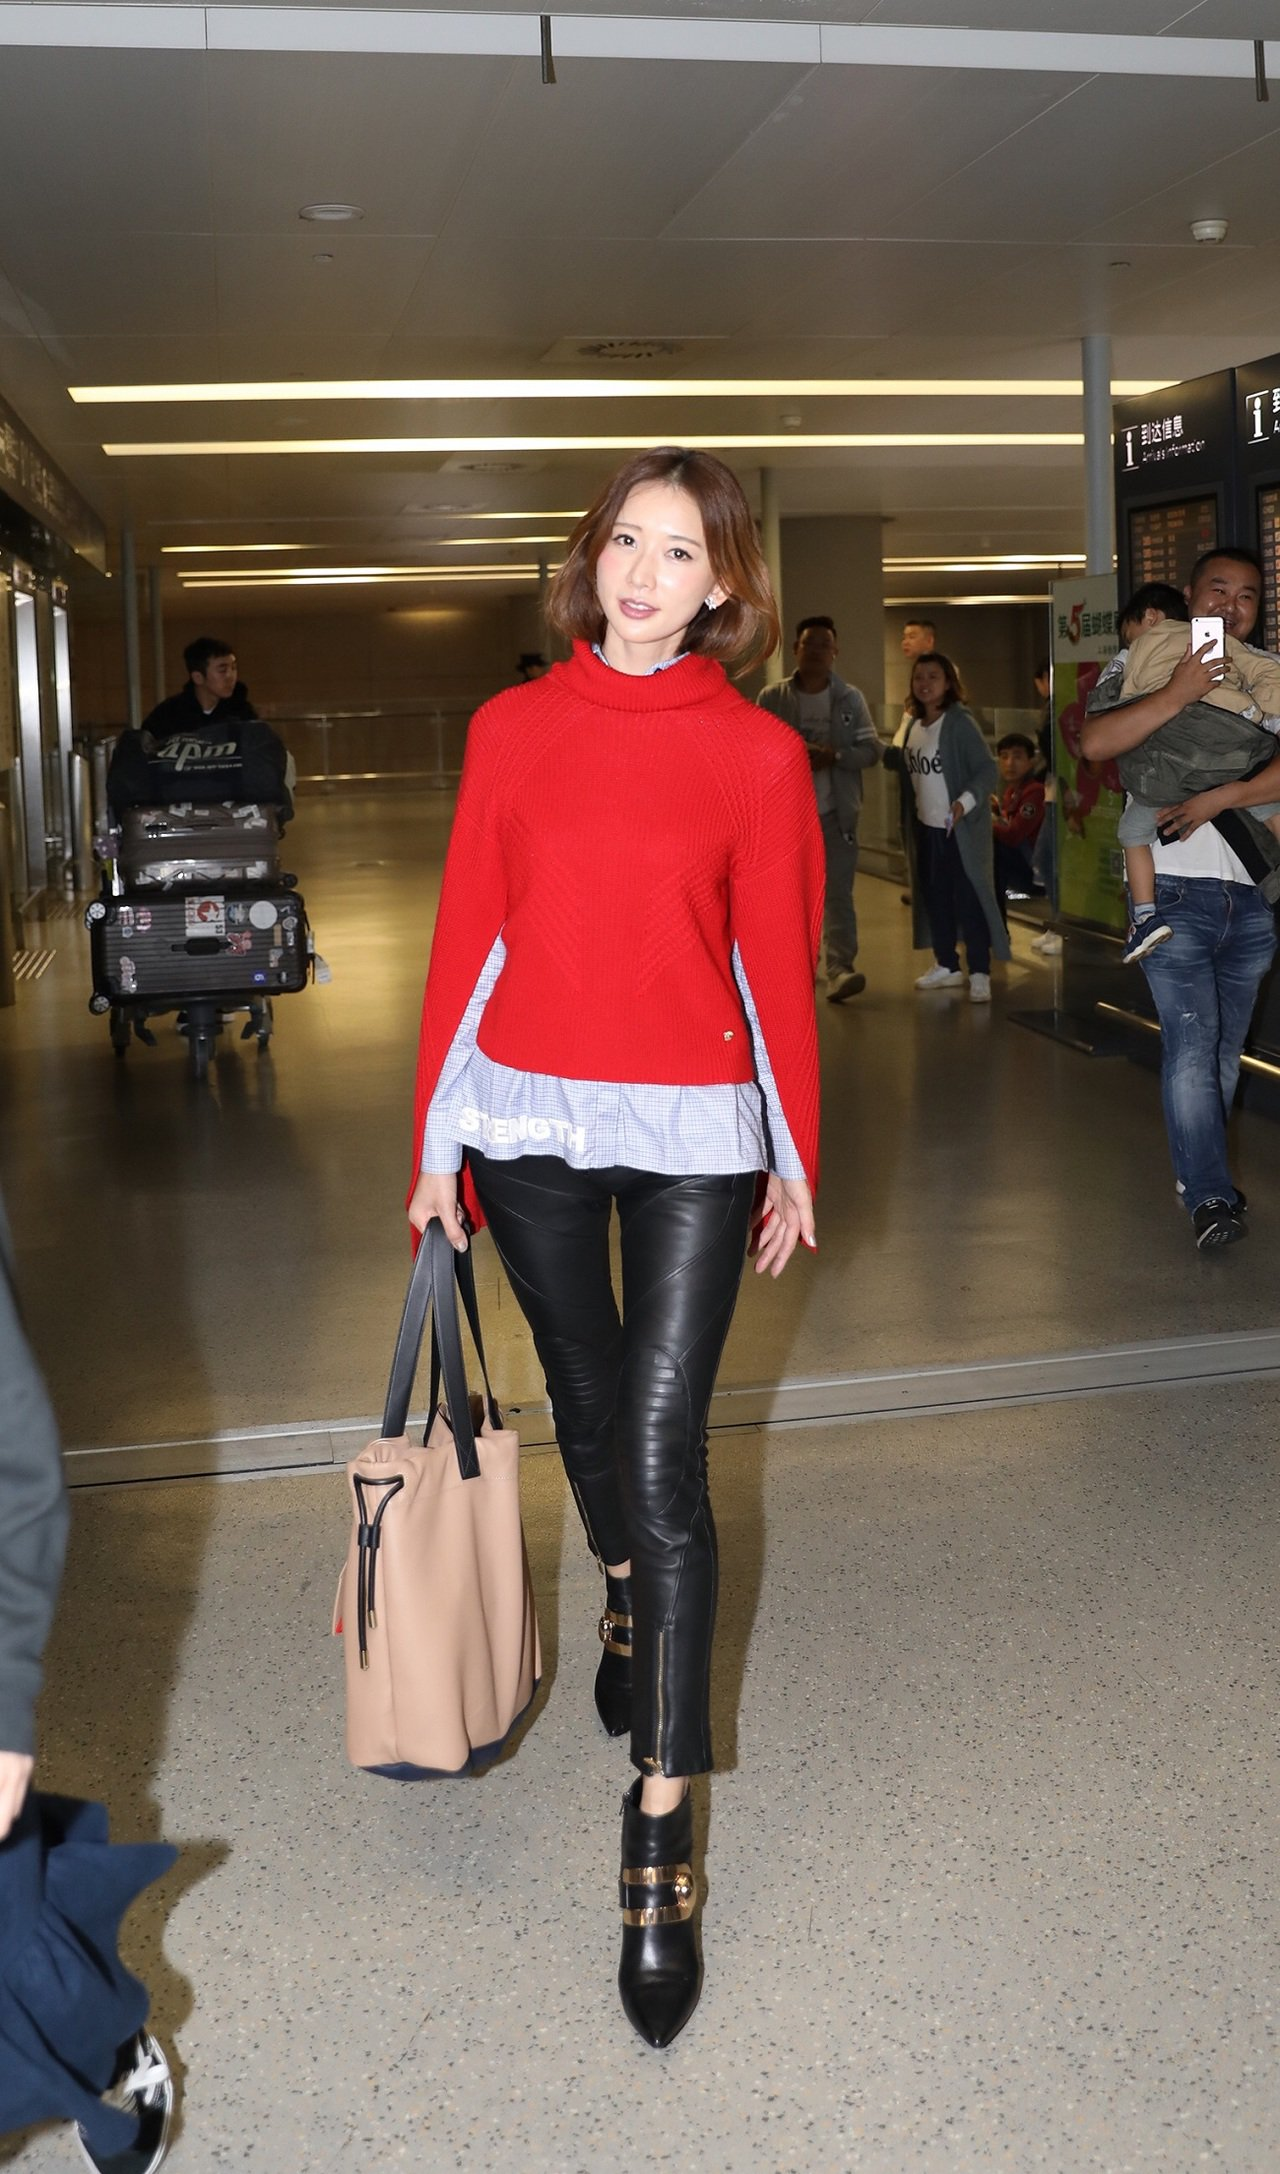 林志玲穿著VERSACE秋冬新裝現身上海虹橋國際機場。圖/VERSACE提供